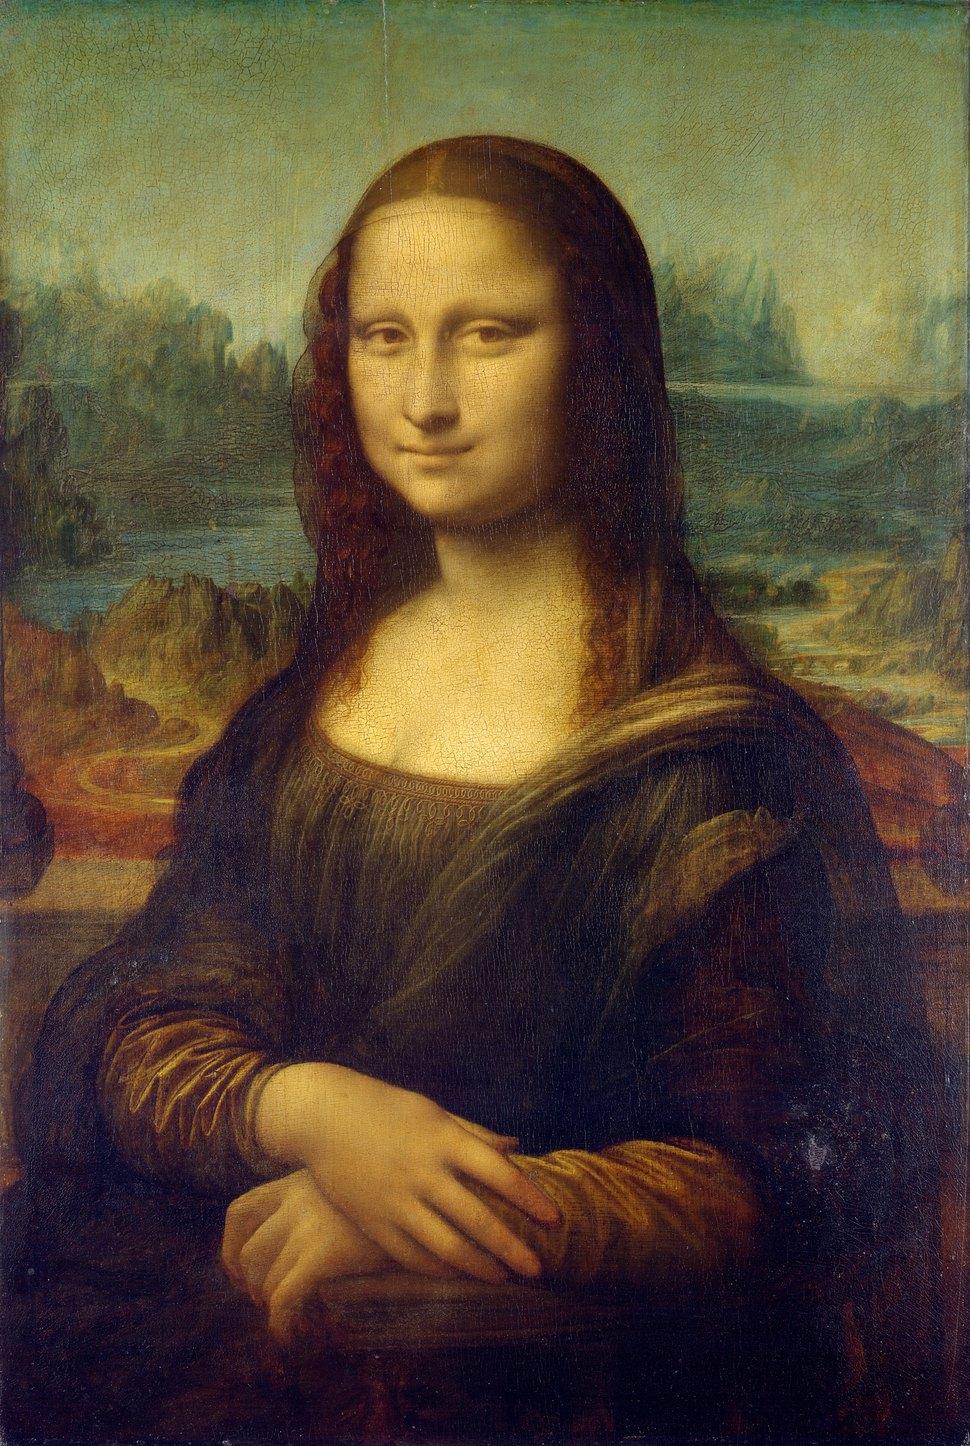 레오나르도 다빈치의 <모나리자>(1503~1506년). 파리 루브르 박물관 소장.